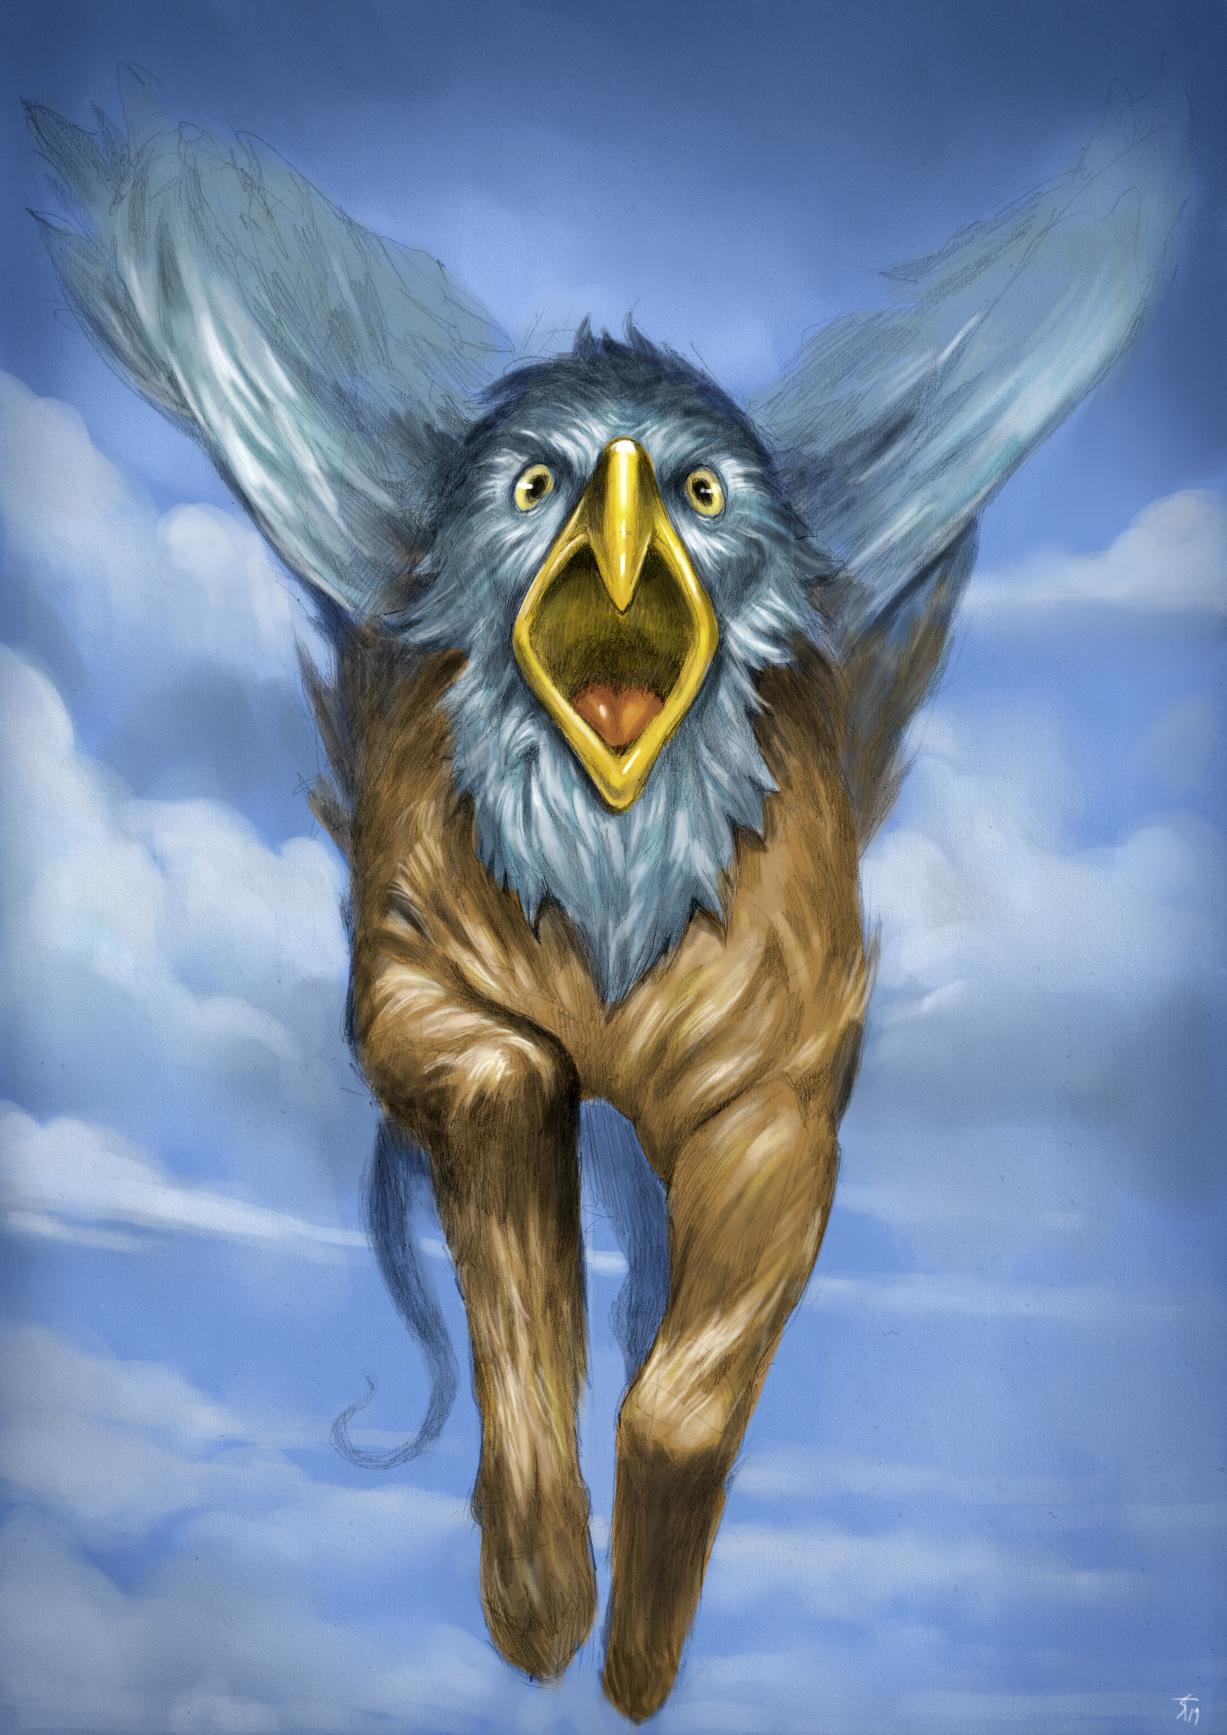 """the-murdellicious #121: """"Hippogriff"""" - by Tuomas Salmela themurling.tumblr.com (2019-07) © dell'autore tutti i diritti riservati"""